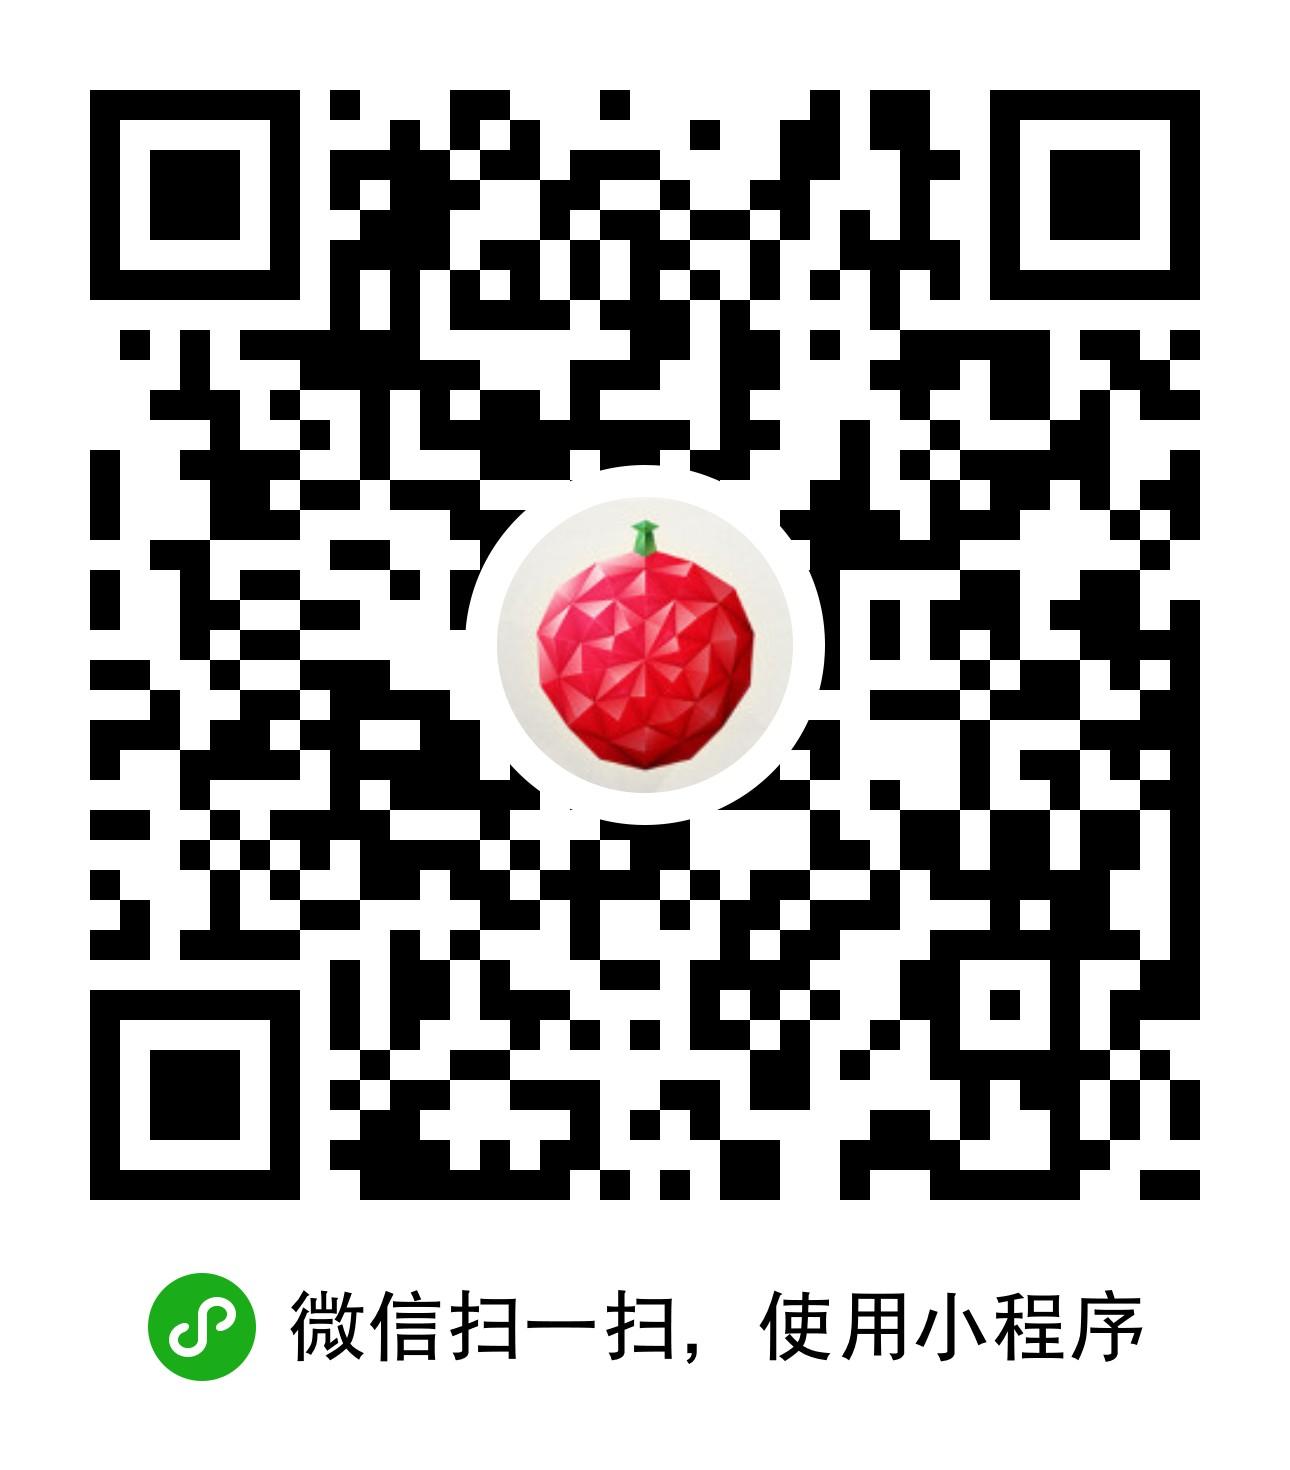 荔枝FM播客二维码